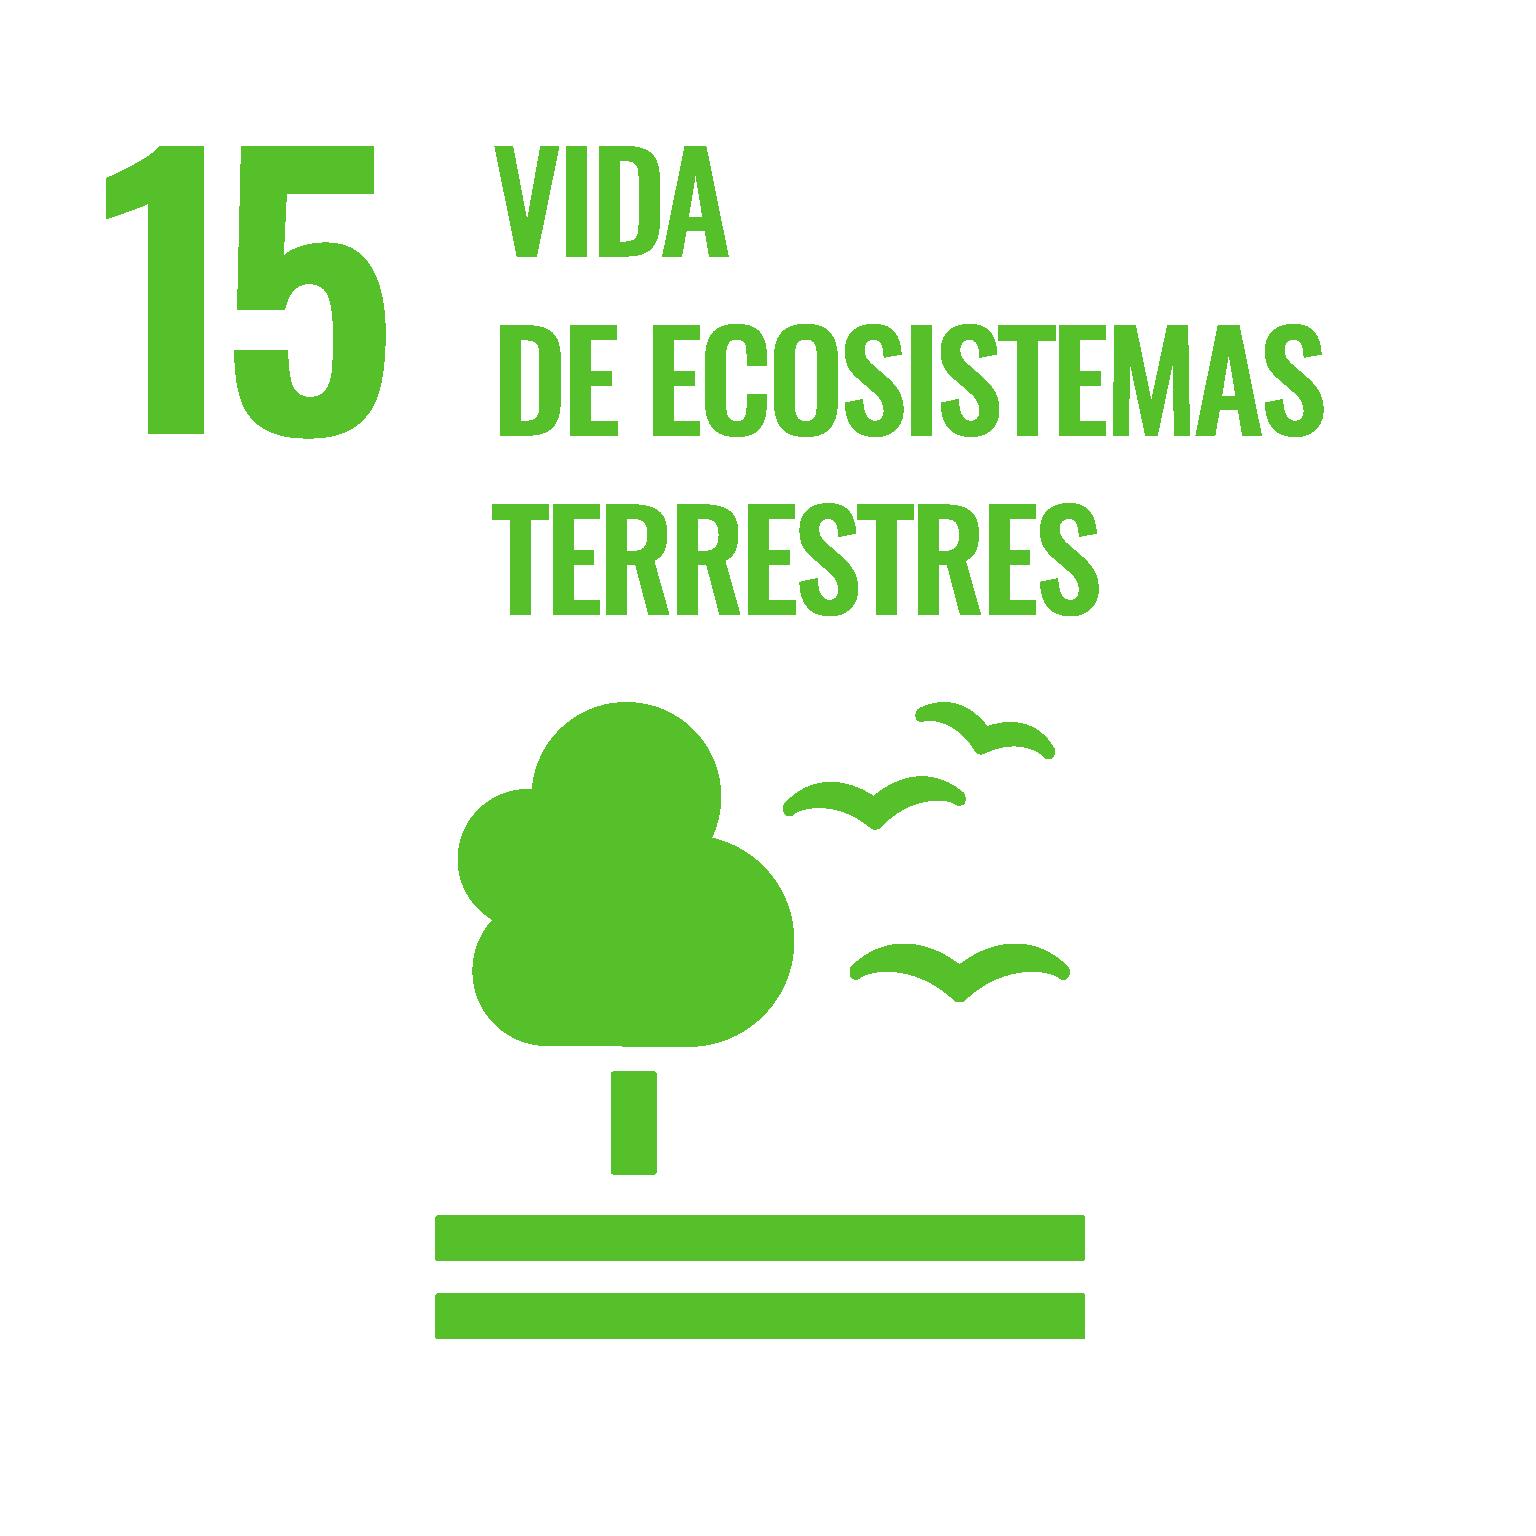 Objetivos ONU vida de ecosistemas terrestres